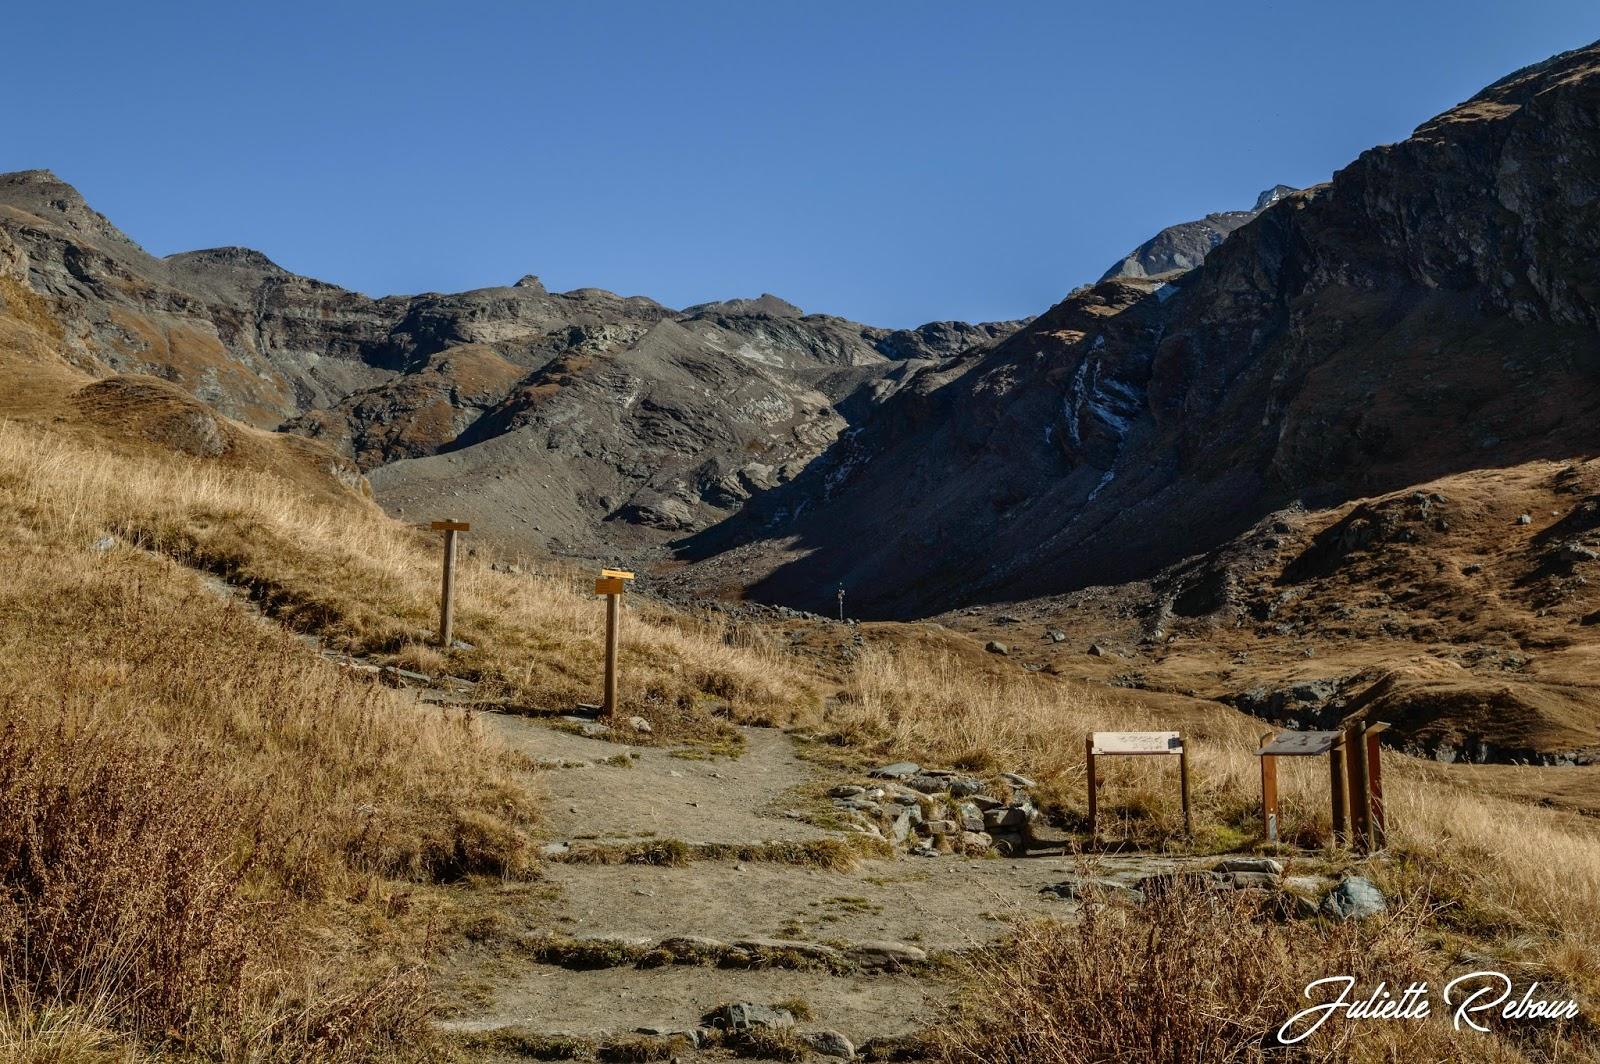 Sentiers de randonnée vers le col de la Galise, Parc National de la Vanoise